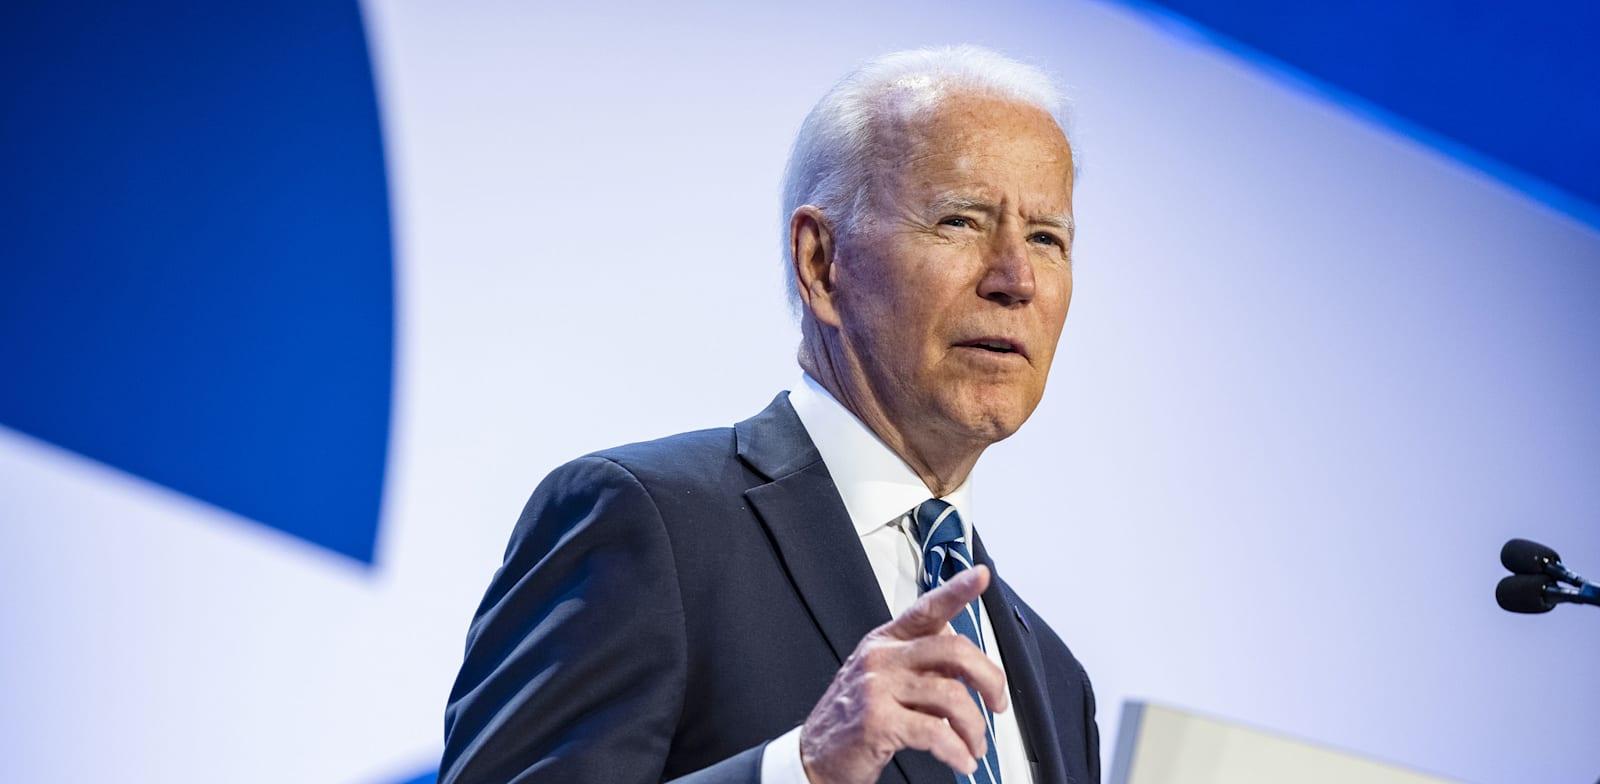 """ג'ו ביידן באסיפת איגוד החינוך הלאומי בארה""""ב / צילום: Reuters"""